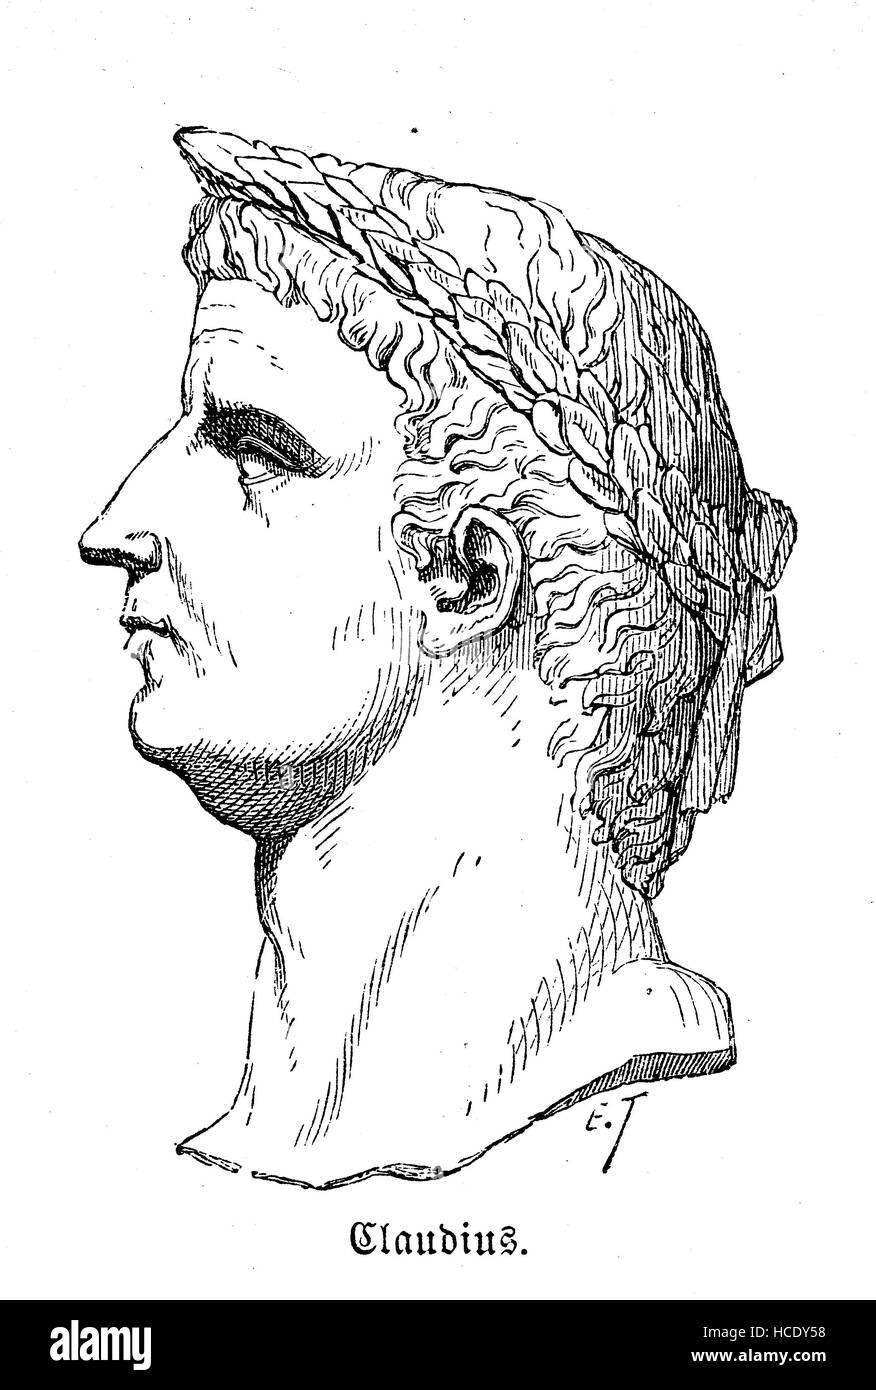 Claudius, Tiberius Claudius Caesar Augustus Germanicus, 10 BC - 54 AD, Roman emperor, the story of the ancient Rome, - Stock Image